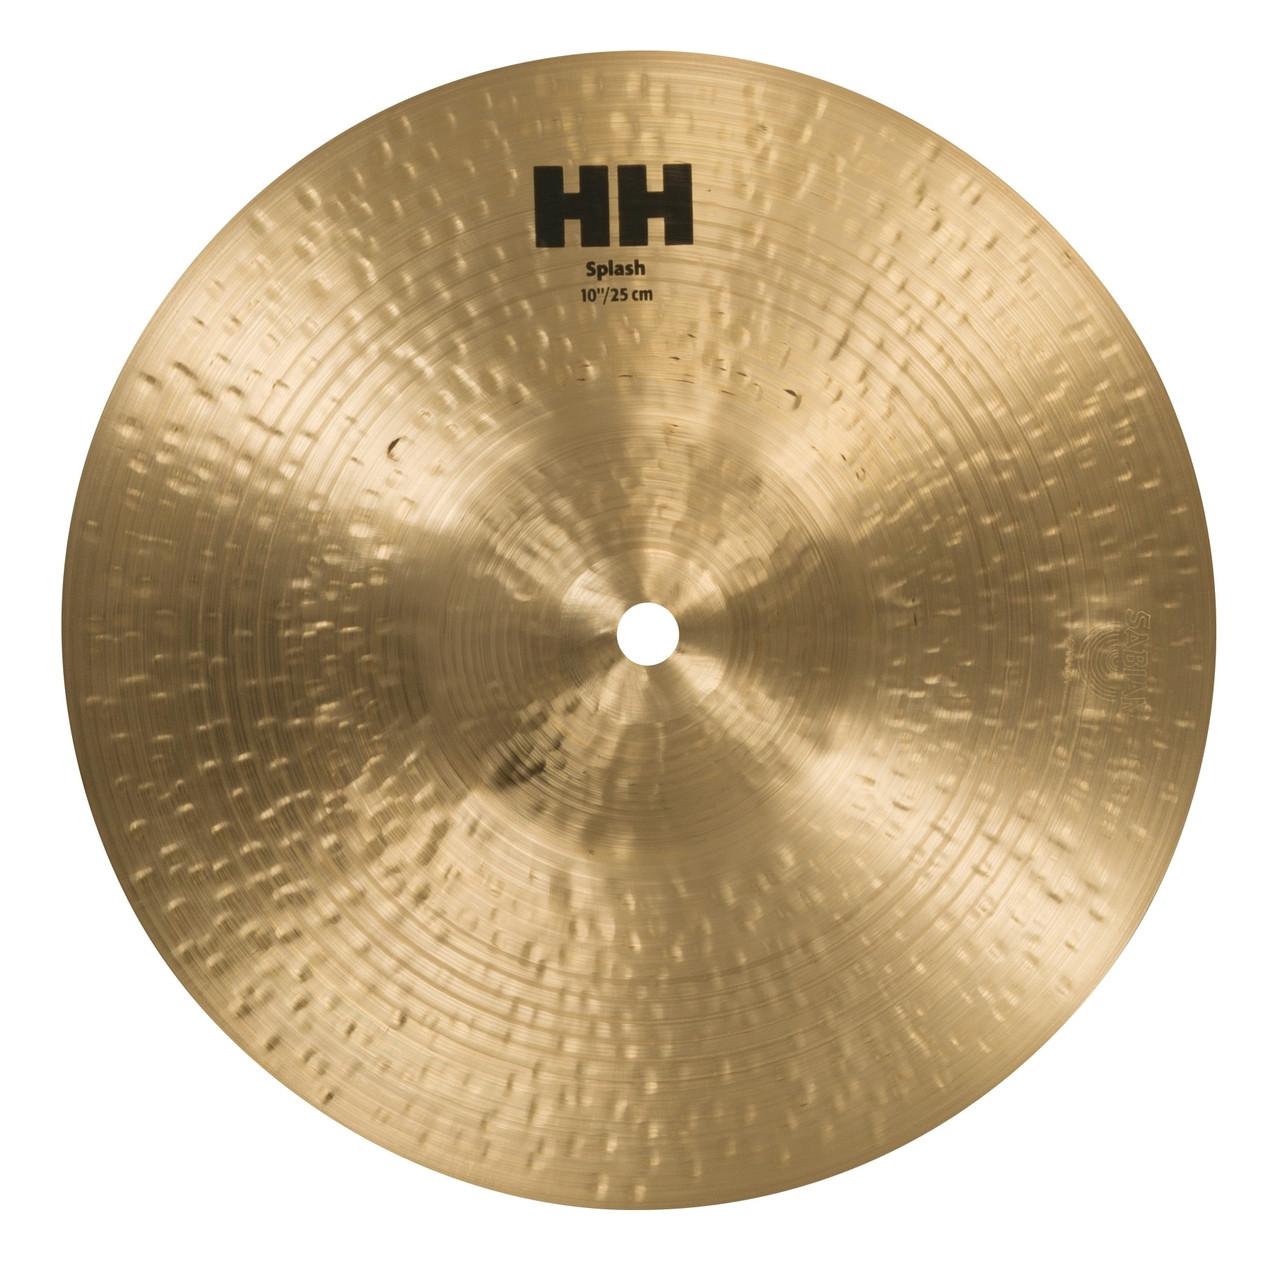 sabian 10 hh splash cymbal. Black Bedroom Furniture Sets. Home Design Ideas